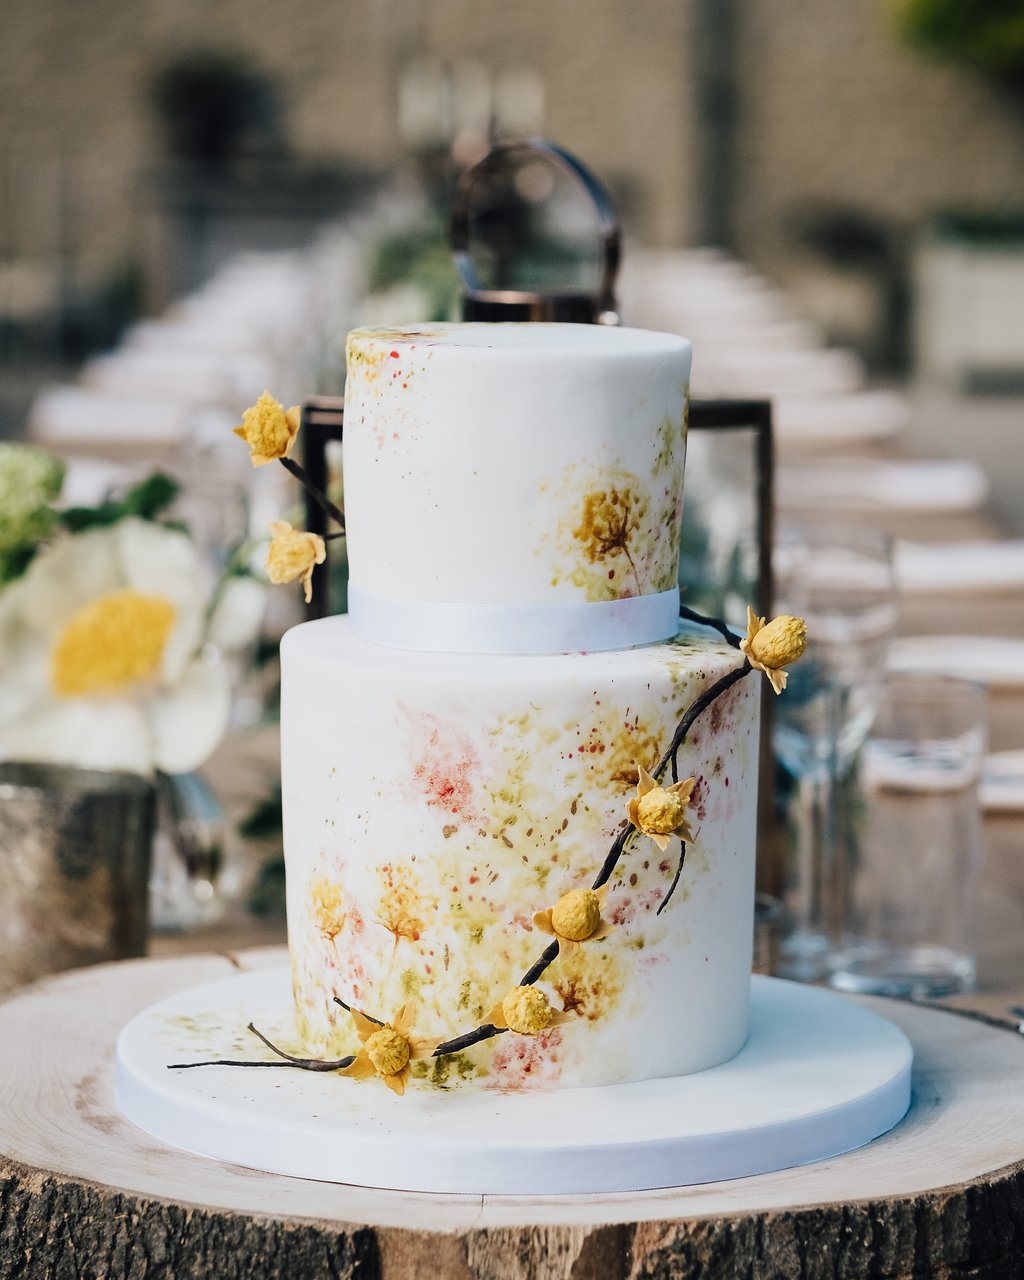 Hand painted yellow wildflower wedding cake